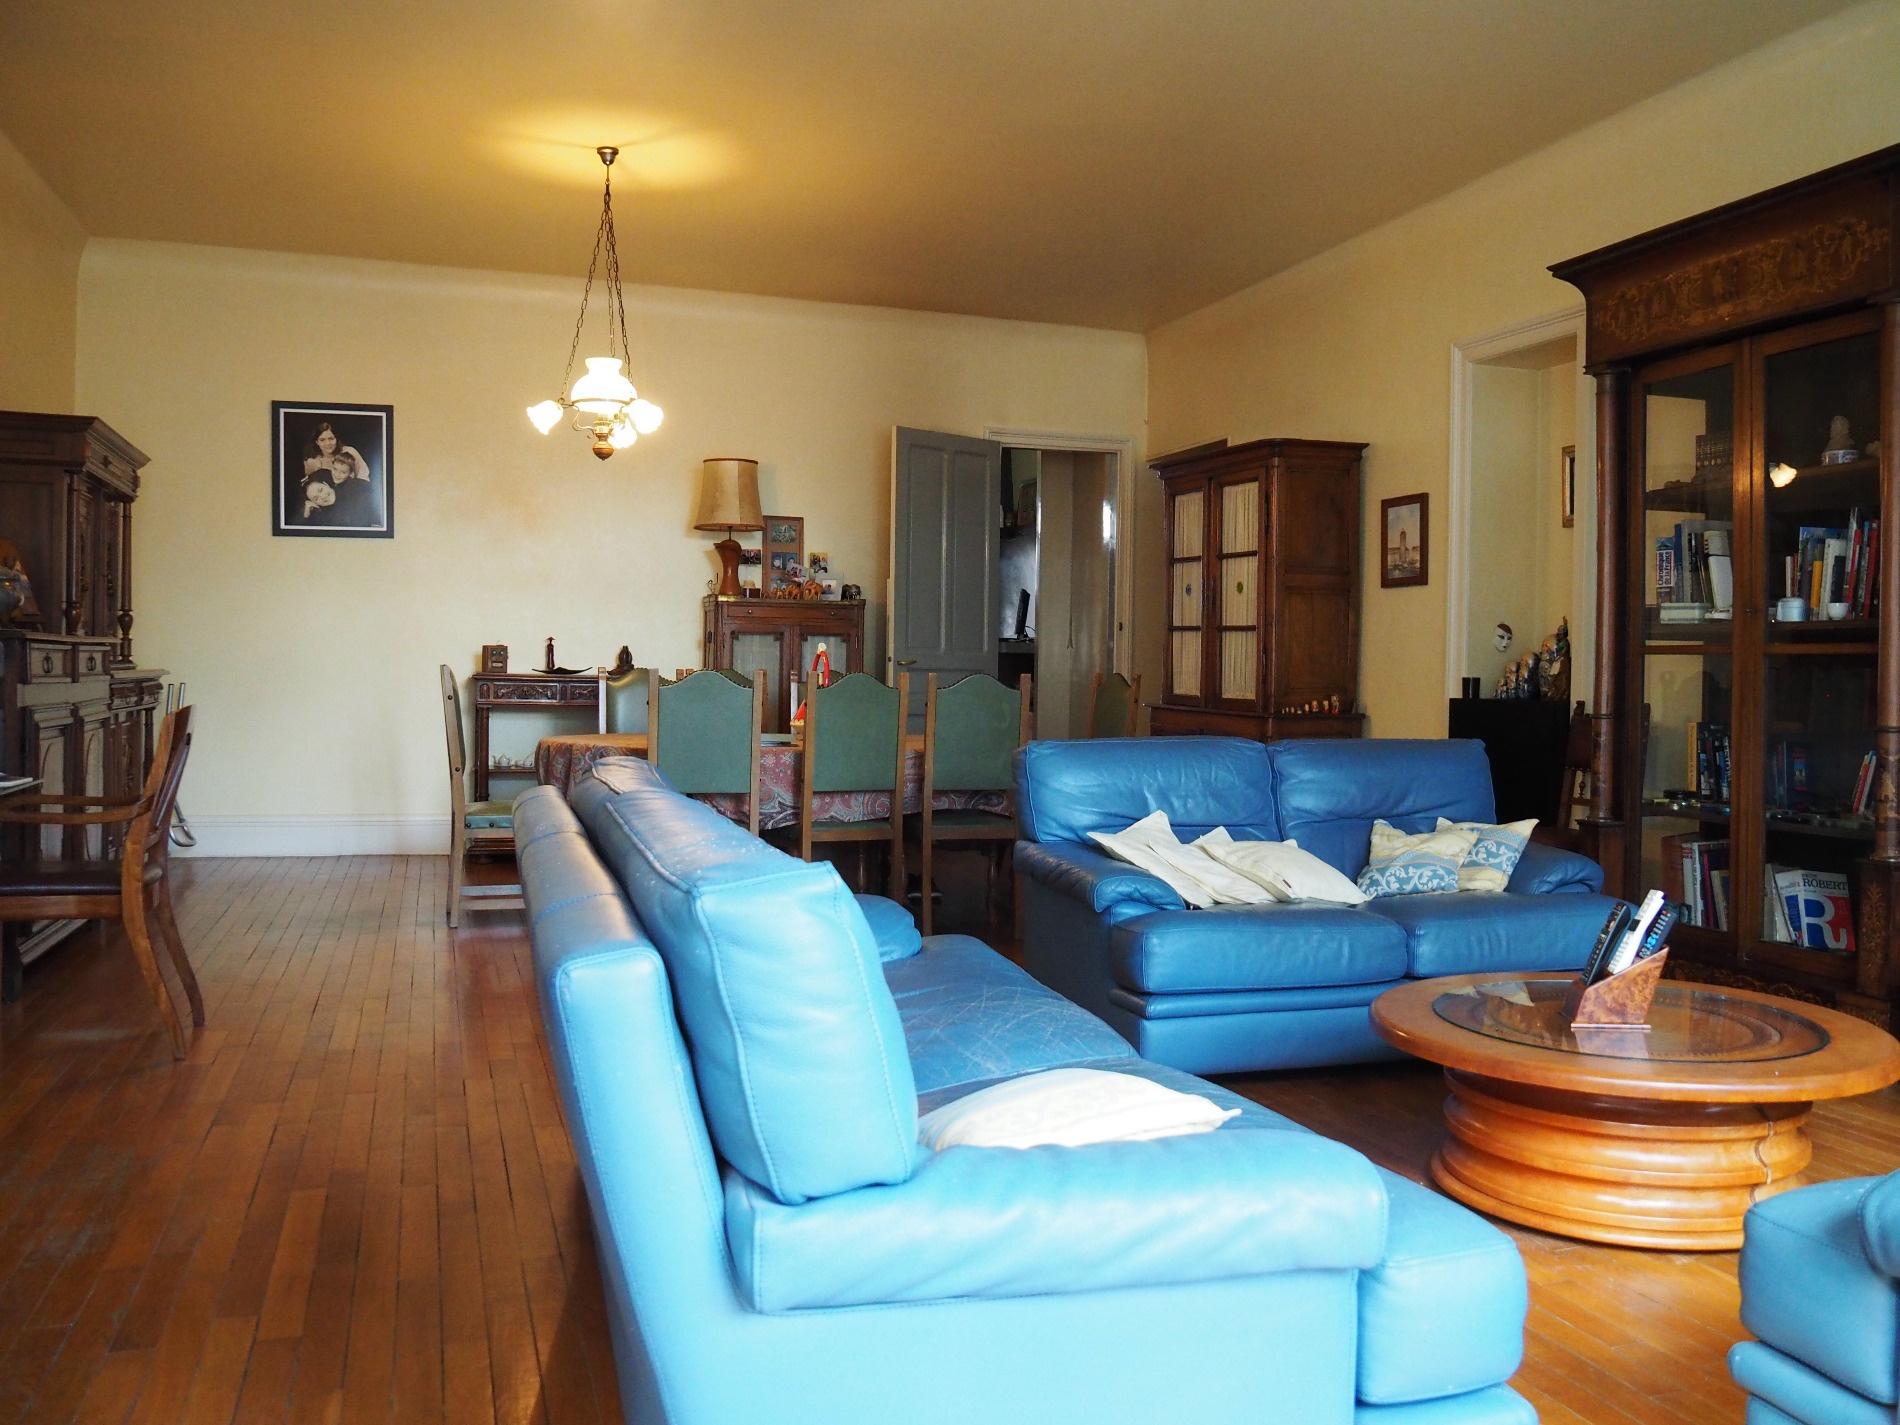 vente amiens centre ville appartement t iv de 175 m2. Black Bedroom Furniture Sets. Home Design Ideas